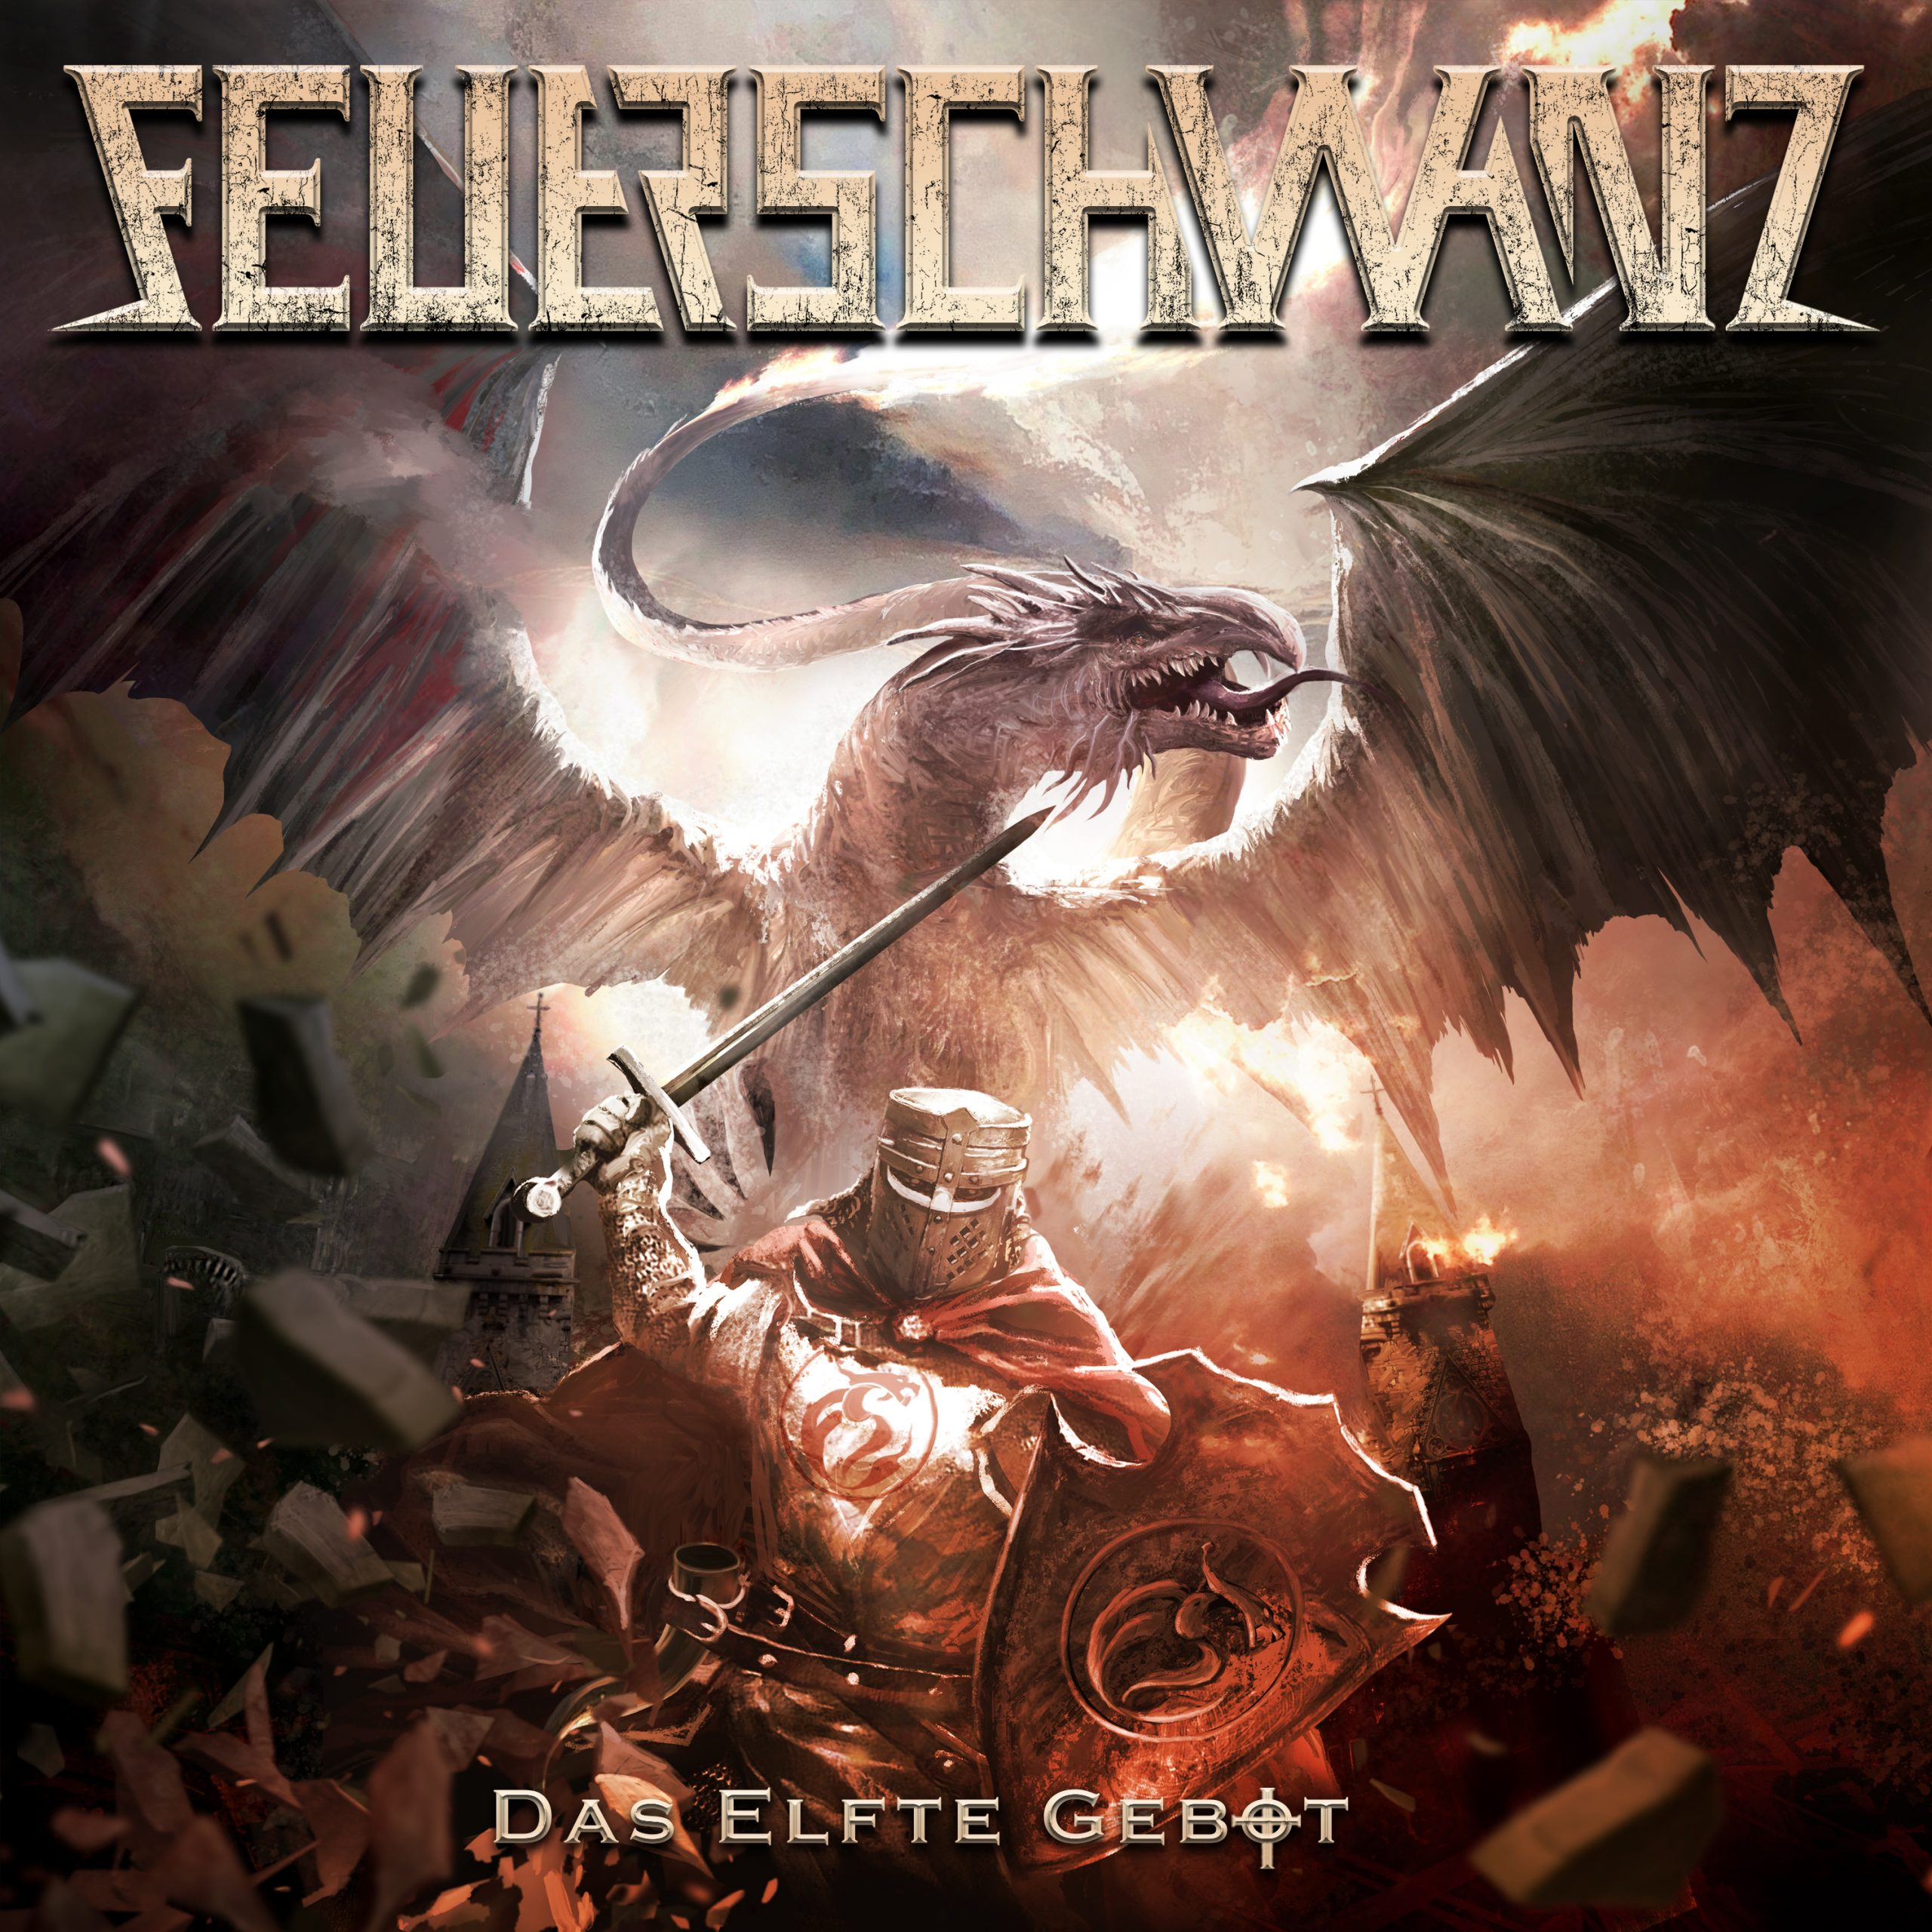 feuerschwanz-veroeffentlichen-am-26-06-2020-das-elfte-gebot-album-review